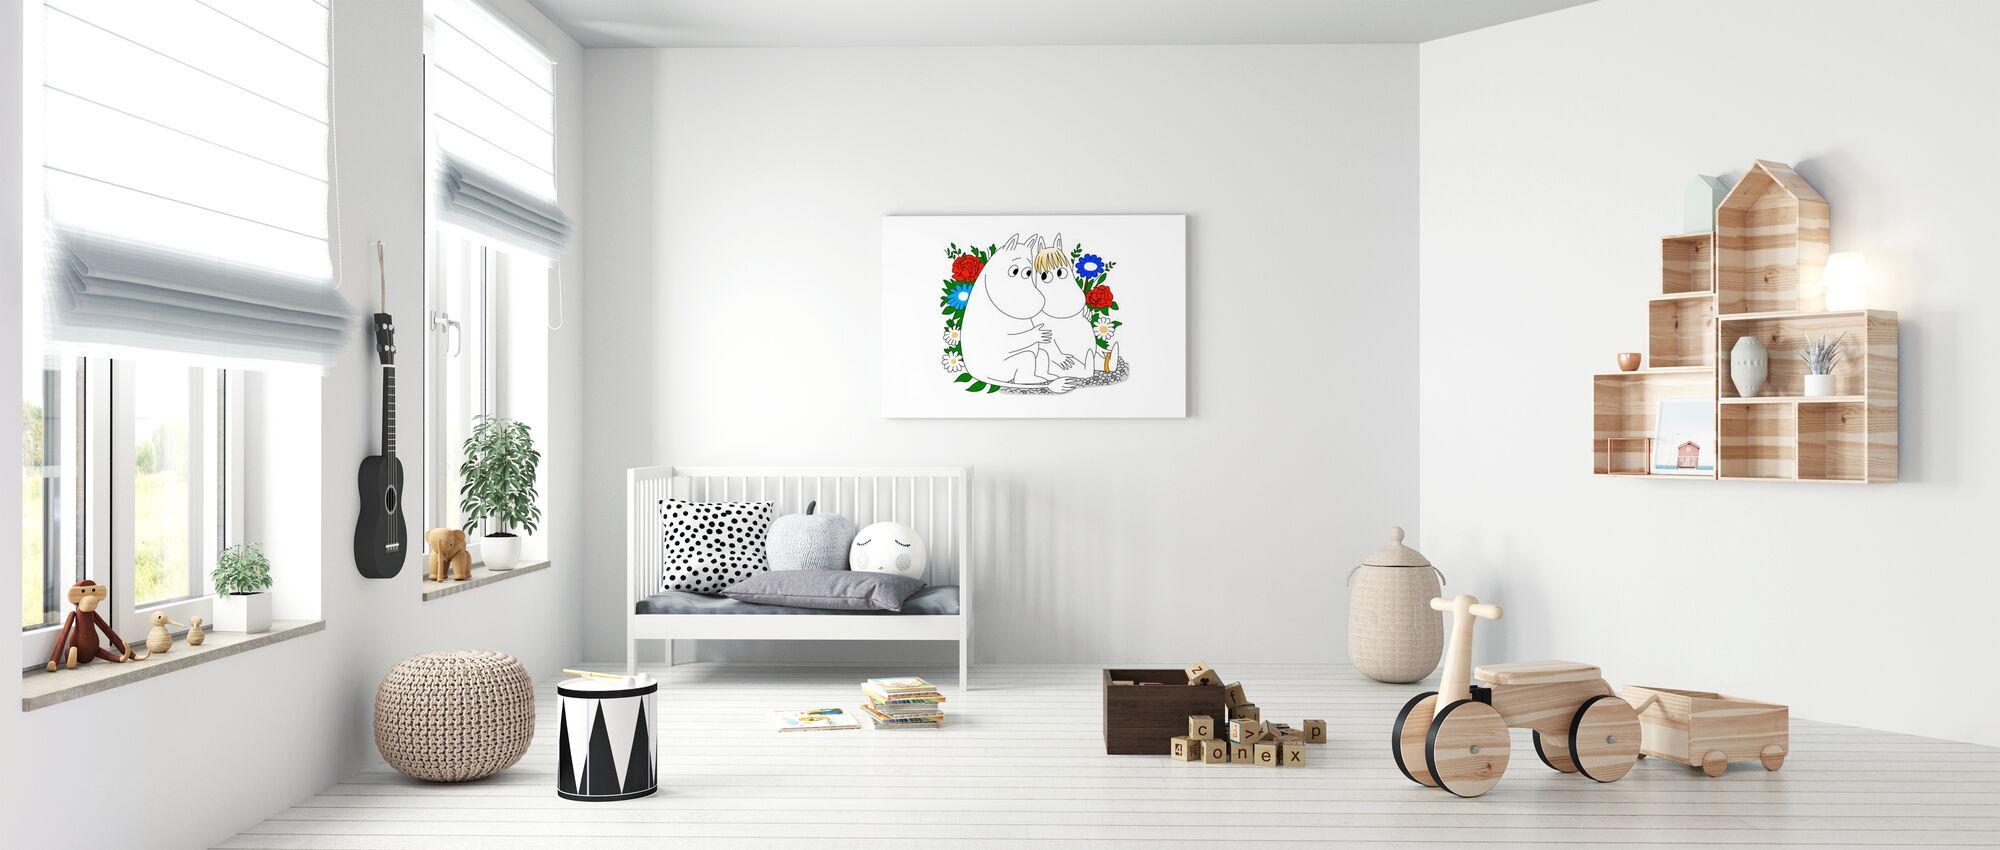 Moomin - Snorkmaiden - Canvas print - Nursery